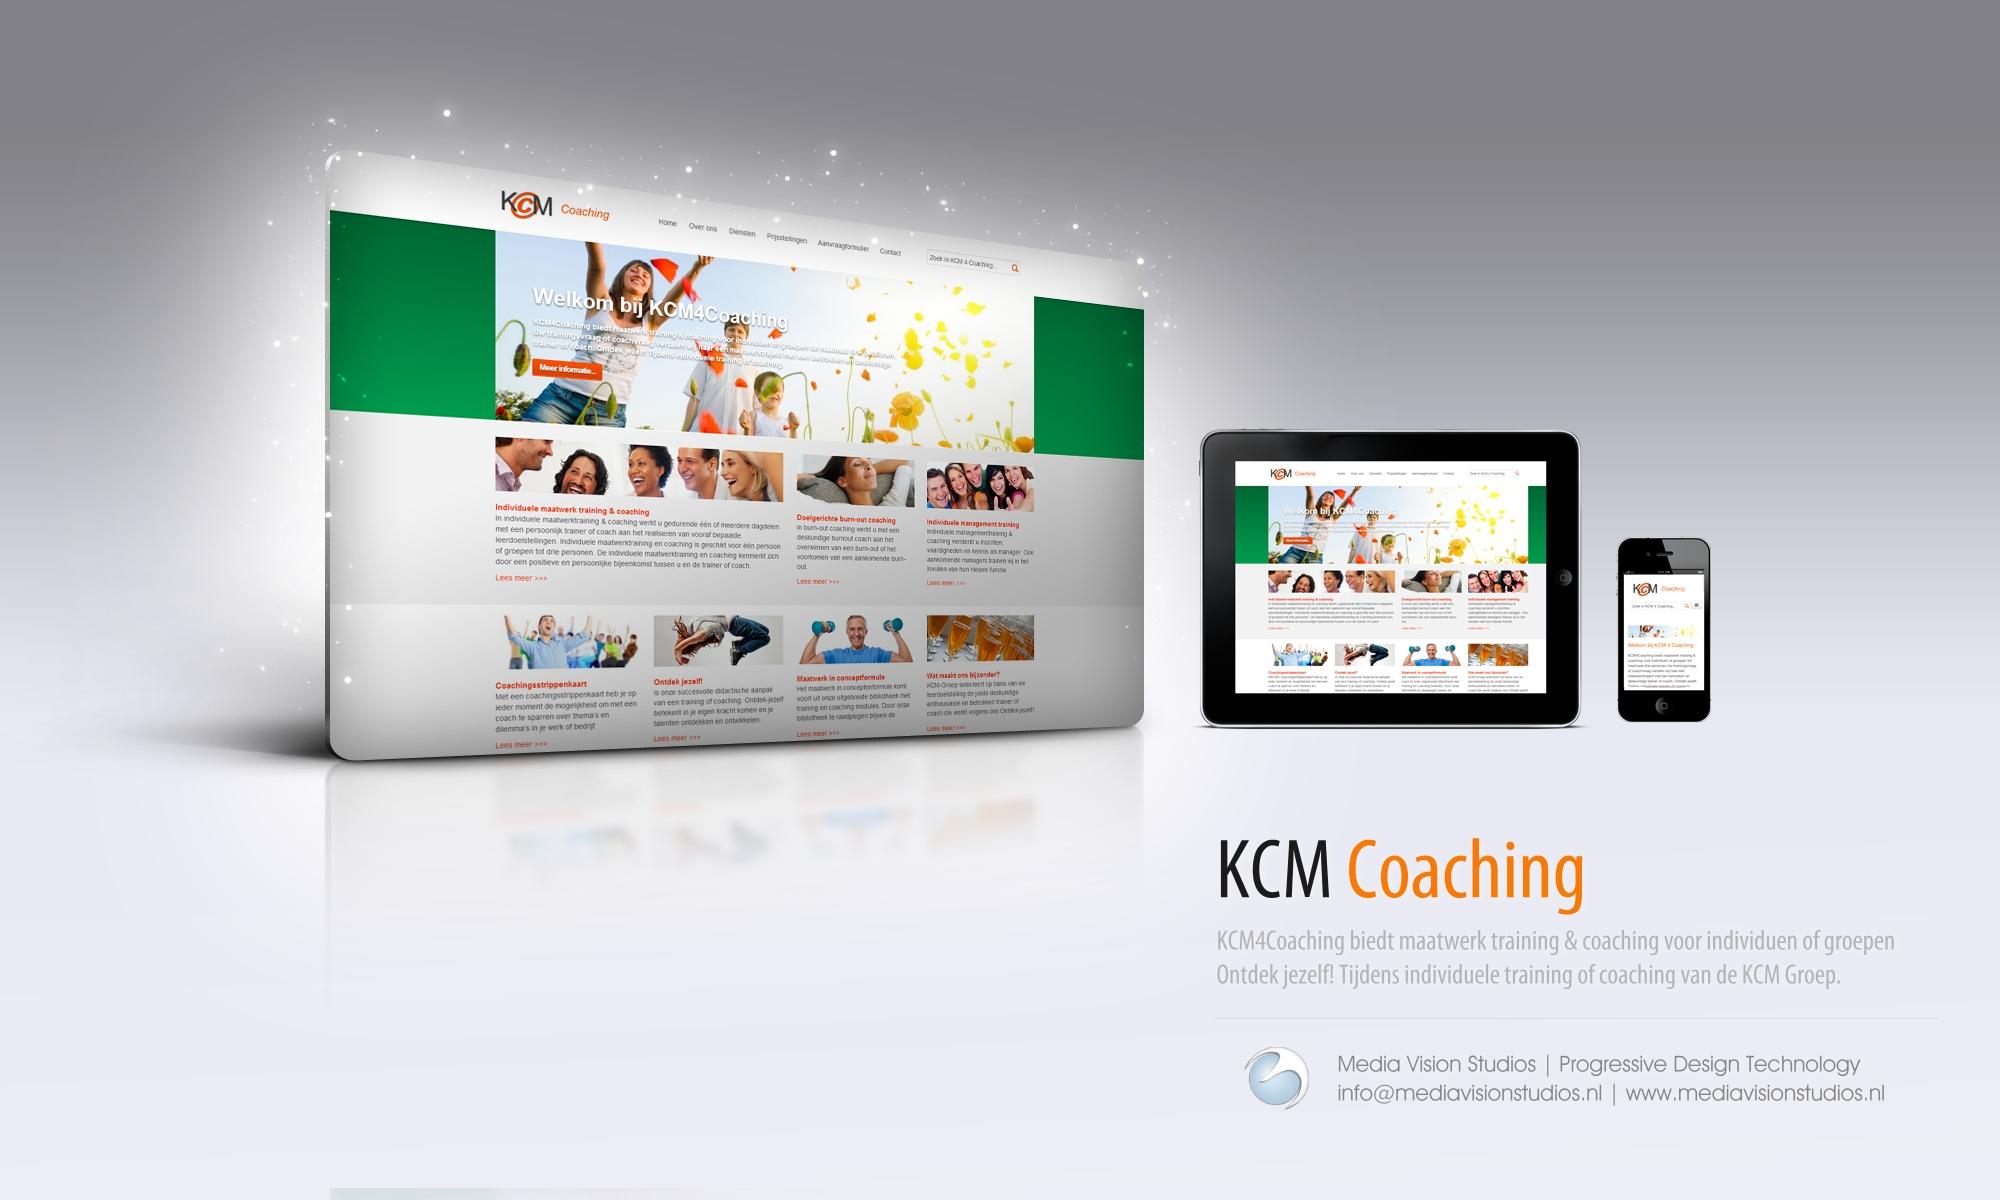 KCM Coaching